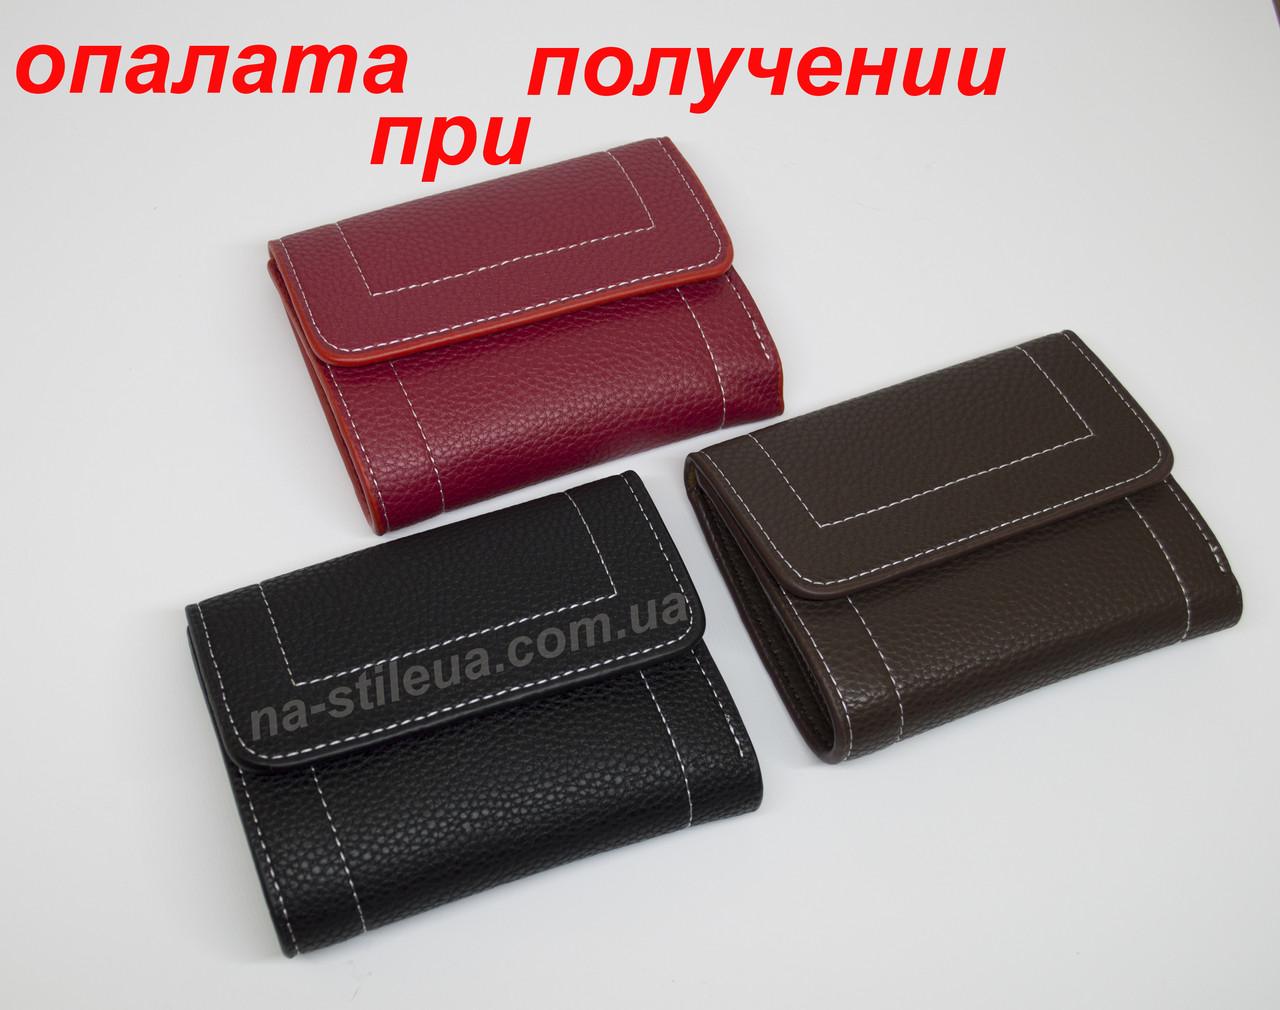 72b275b550f5 Сумка Клатч Кожа - Кошельки, портмоне, зажимы для денег Объявления в ...